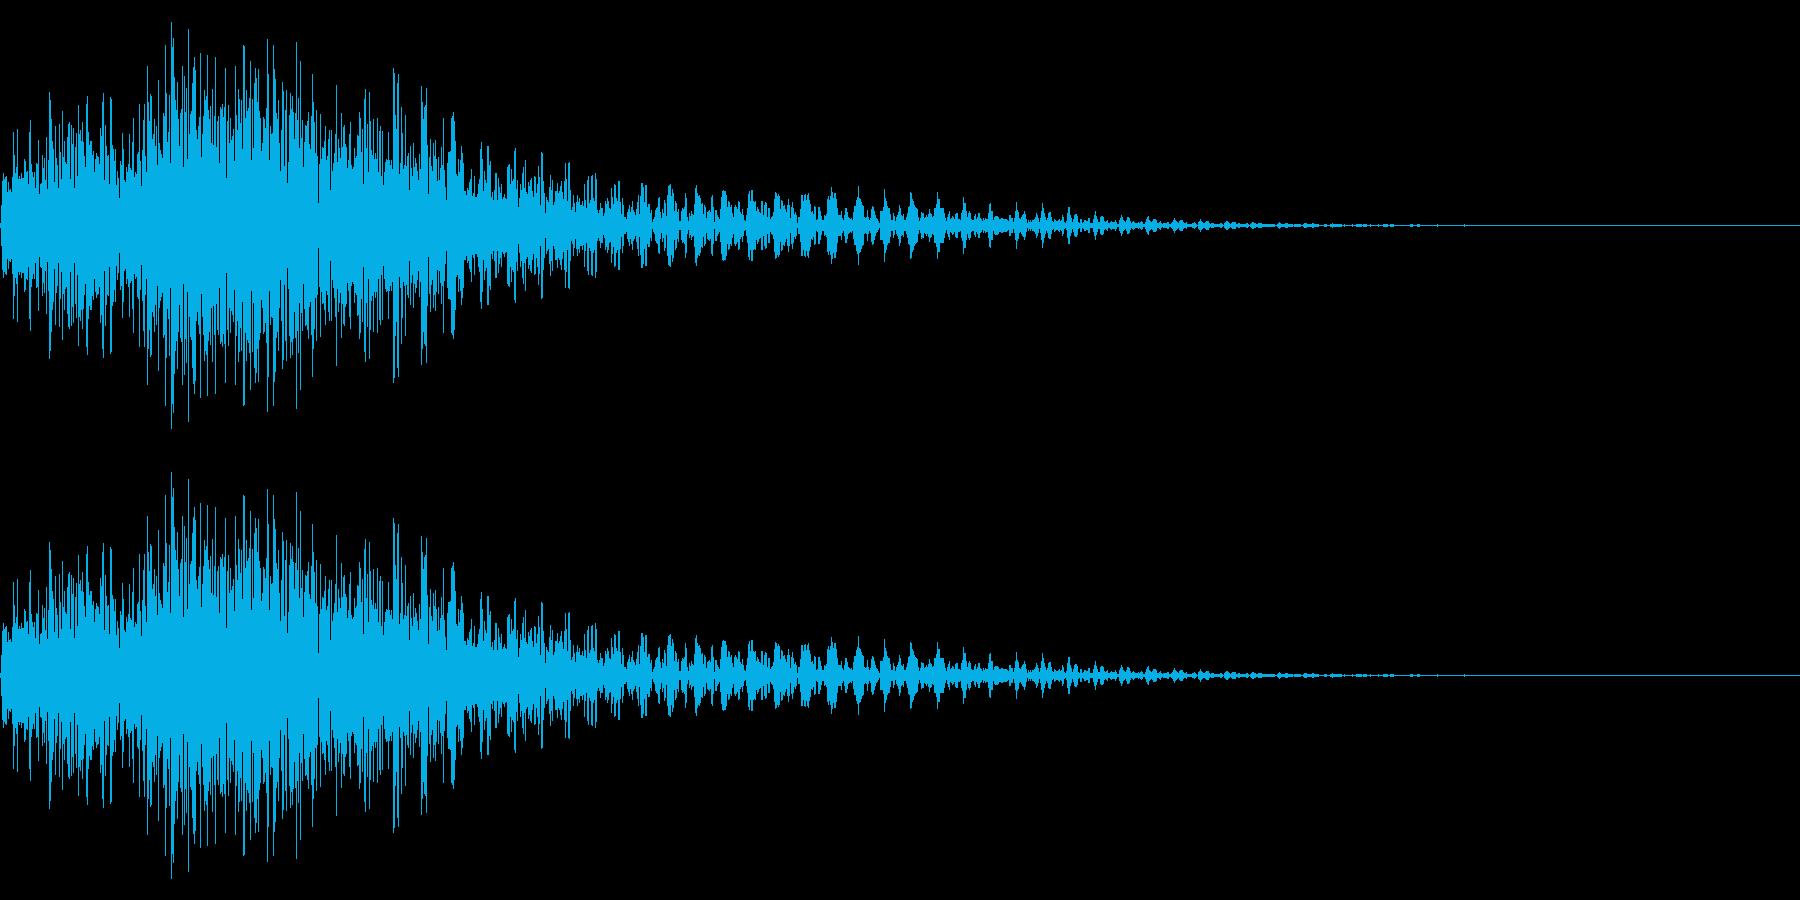 衝撃音(ギャン/ギュワン)の再生済みの波形